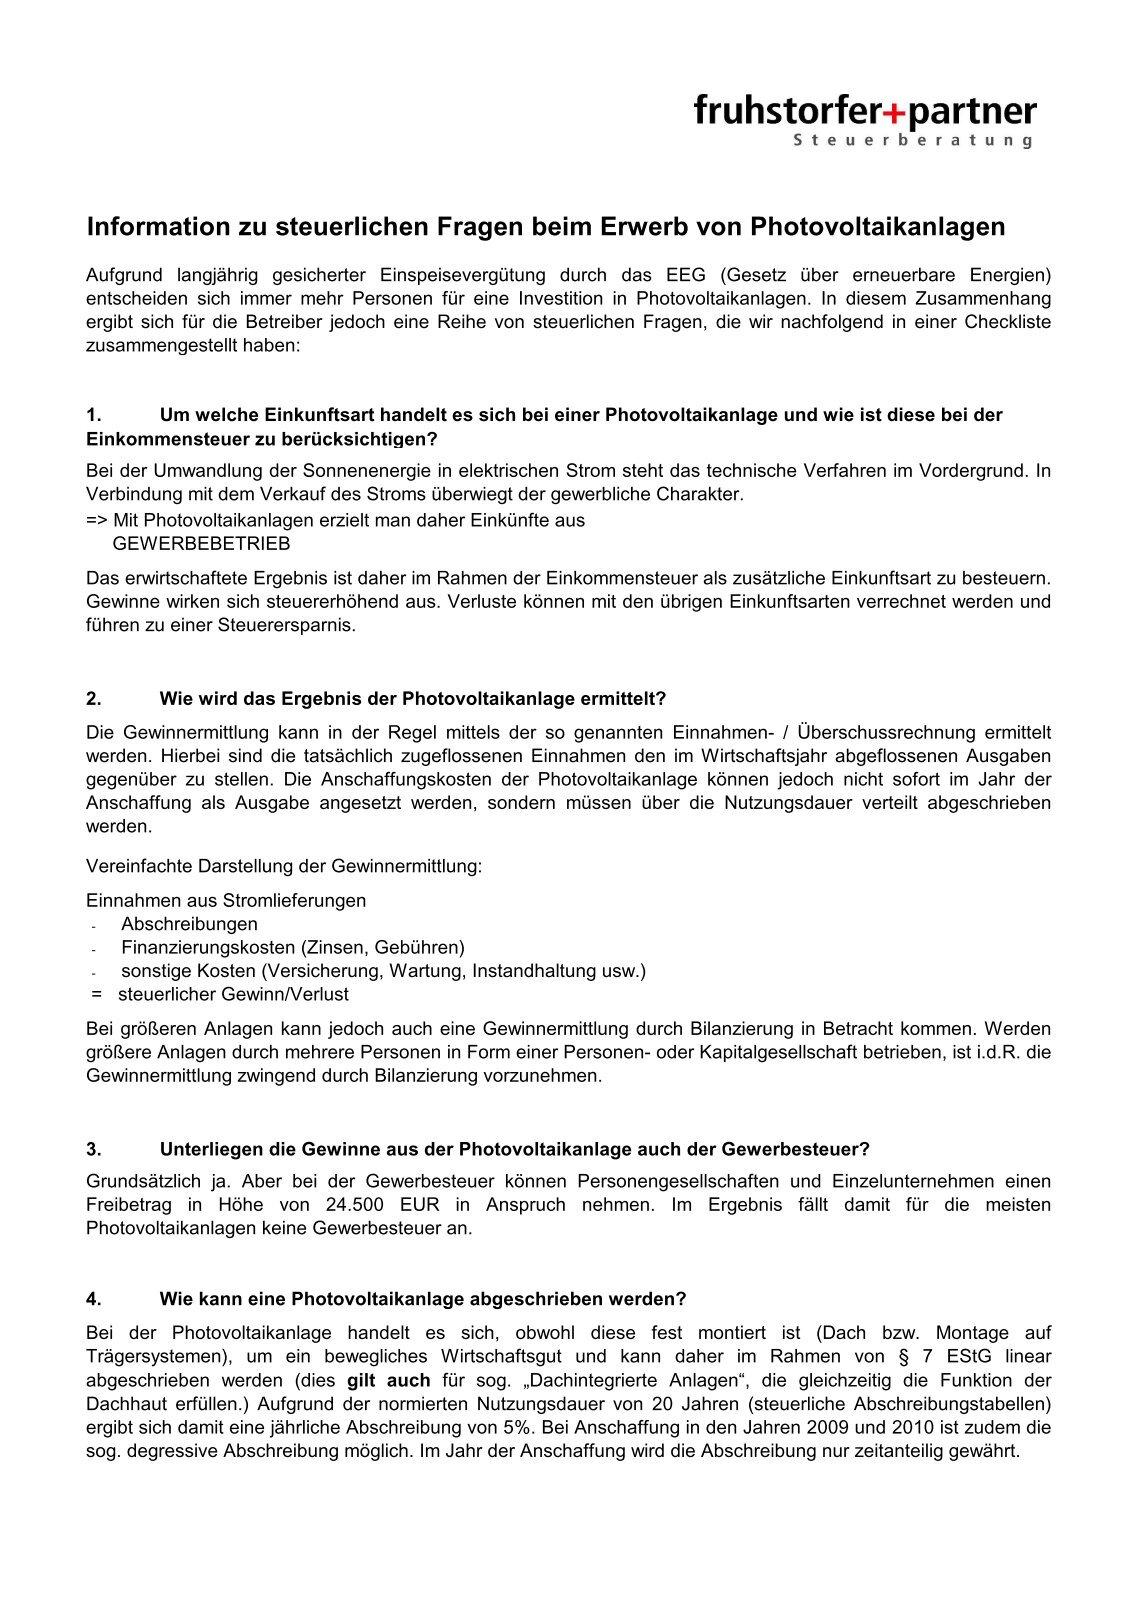 fruhstorferpartner - Liquidationseroffnungsbilanz Muster